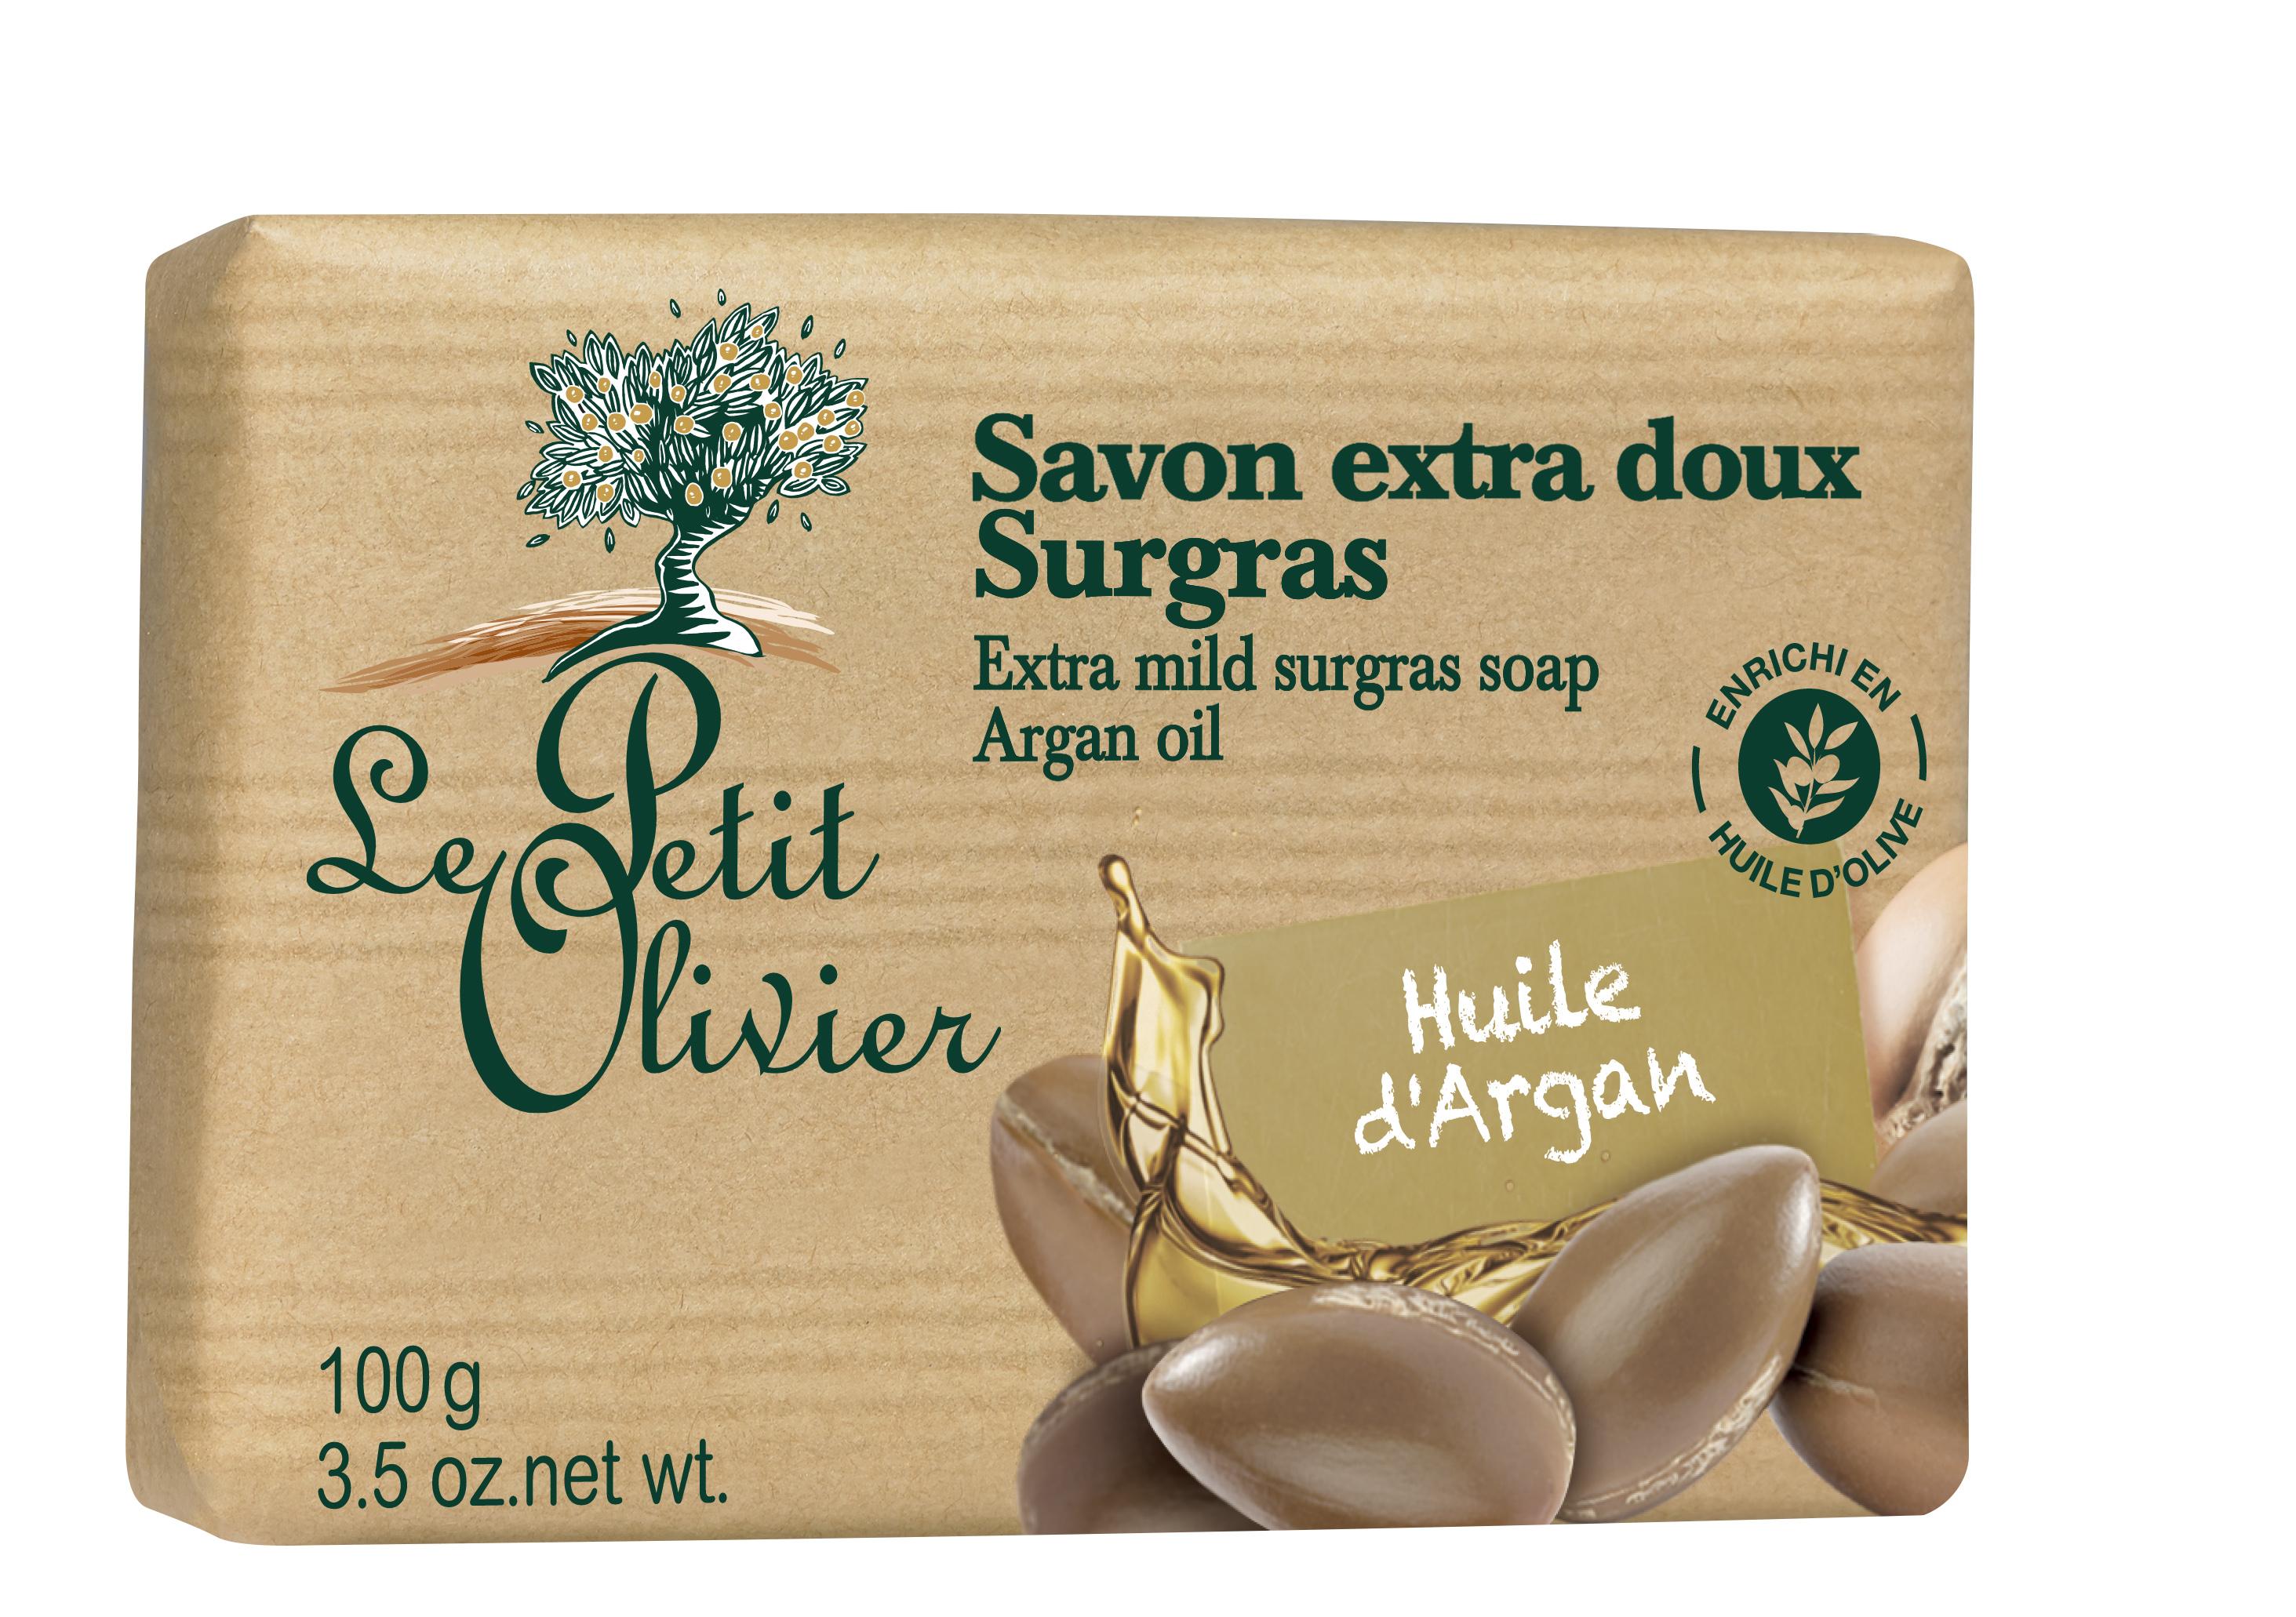 Le Petit Olivier, 小橄欖樹, 草本極致保濕超柔香皂, 草本香皂, 草本肥皂, 保濕肥皂, 保濕香皂, 草本保濕, 保濕, 香皂, 肥皂, 試用, 體驗